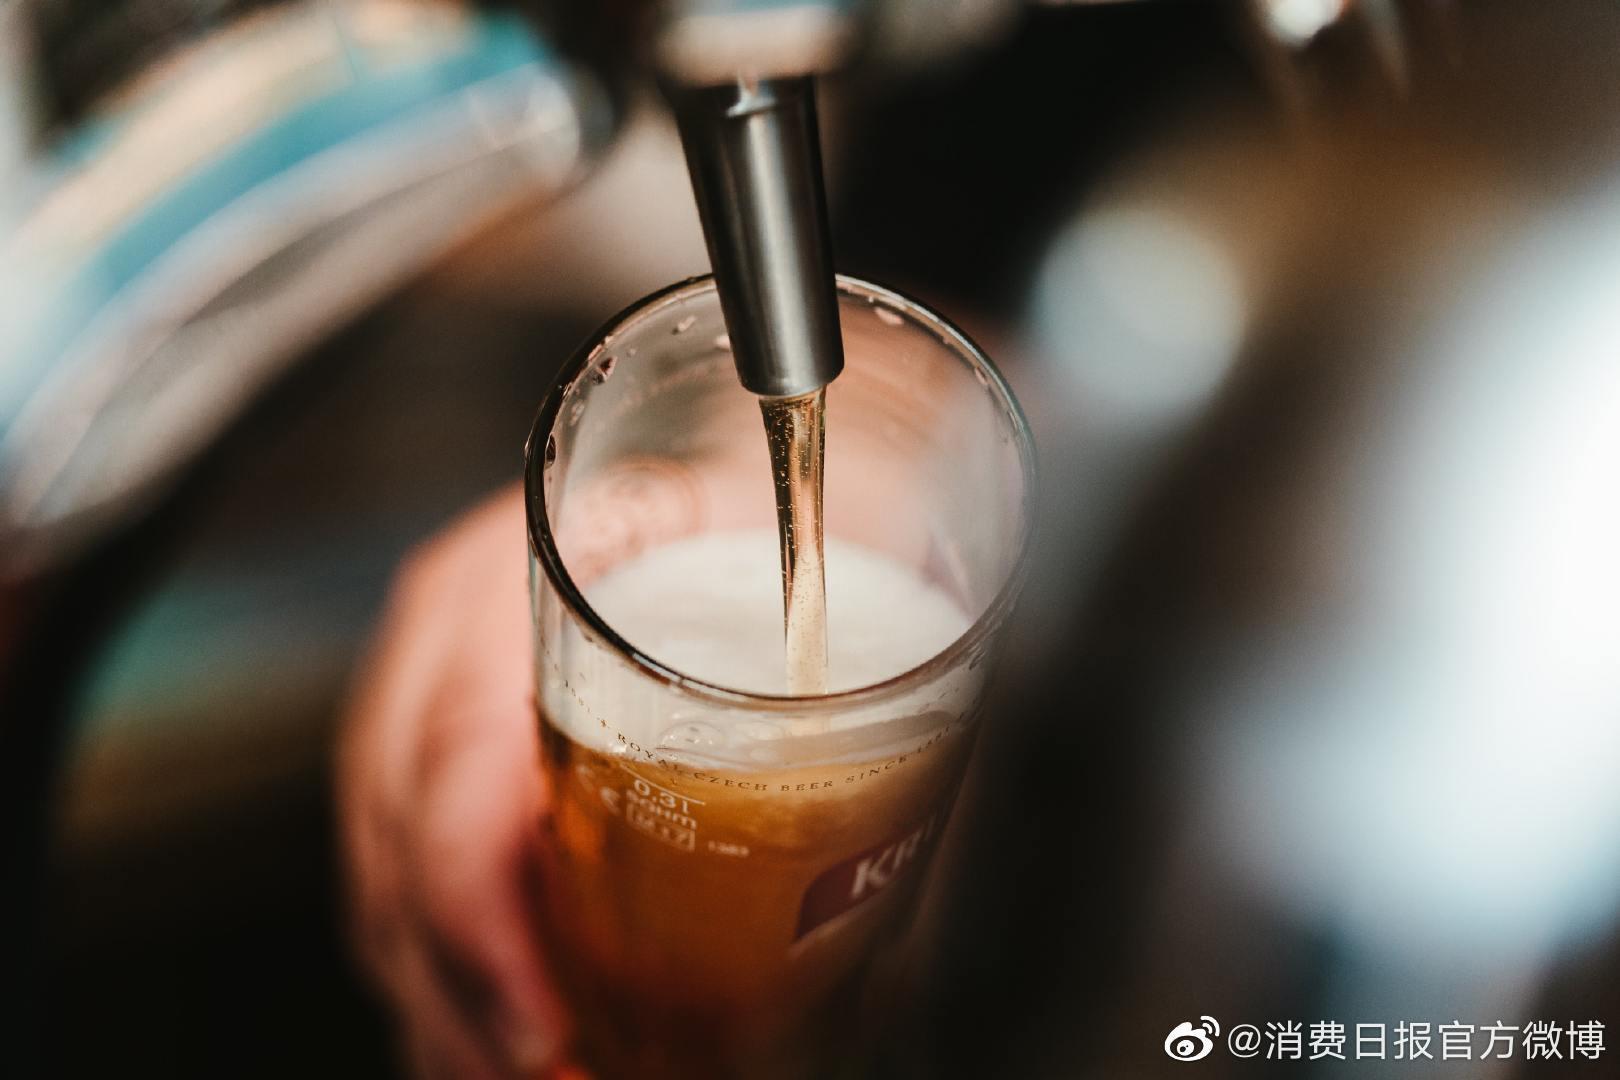 啤酒从工业淡啤向精酿升级风口已至